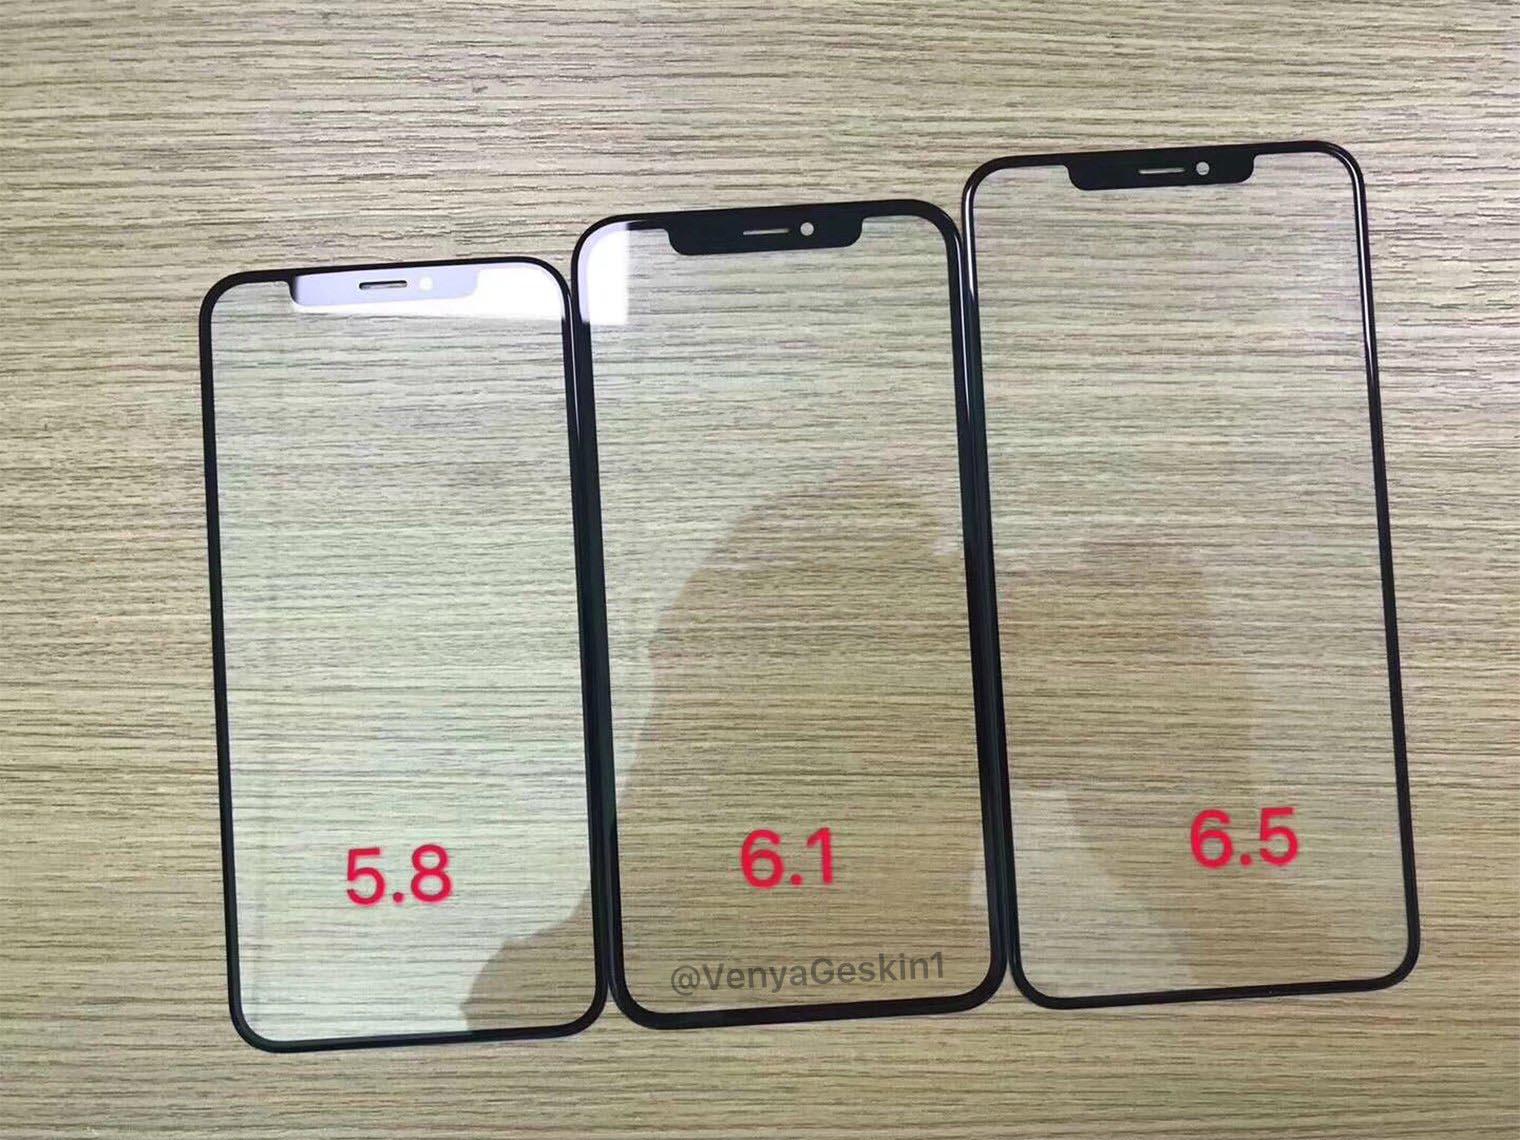 iPhone vitres 2018